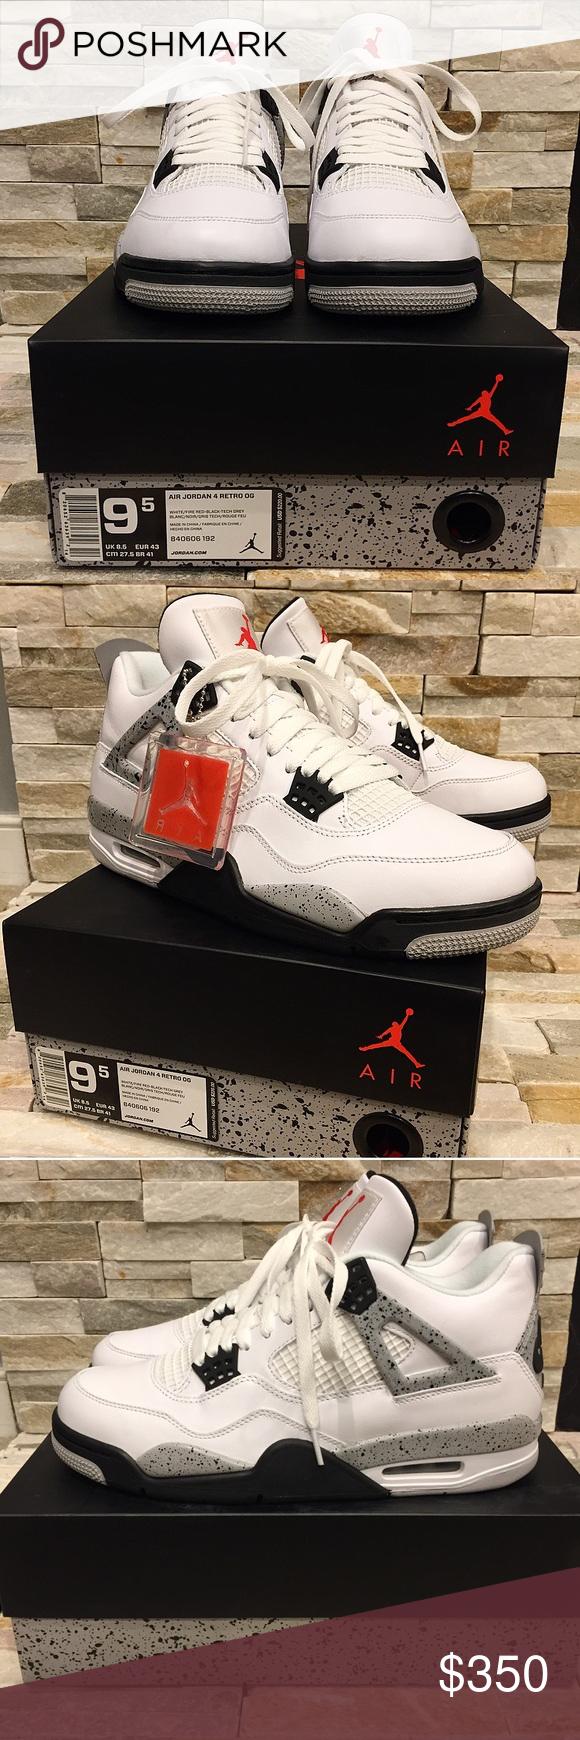 """""""MENS"""" Jordan 4 Retro White Cement Gray OG """"MENS"""" Jordan 4 Retro White  Cement Gray OG. Dead Stock! Never tried on. Box included. No trades.  Serious… 0e81e2593"""